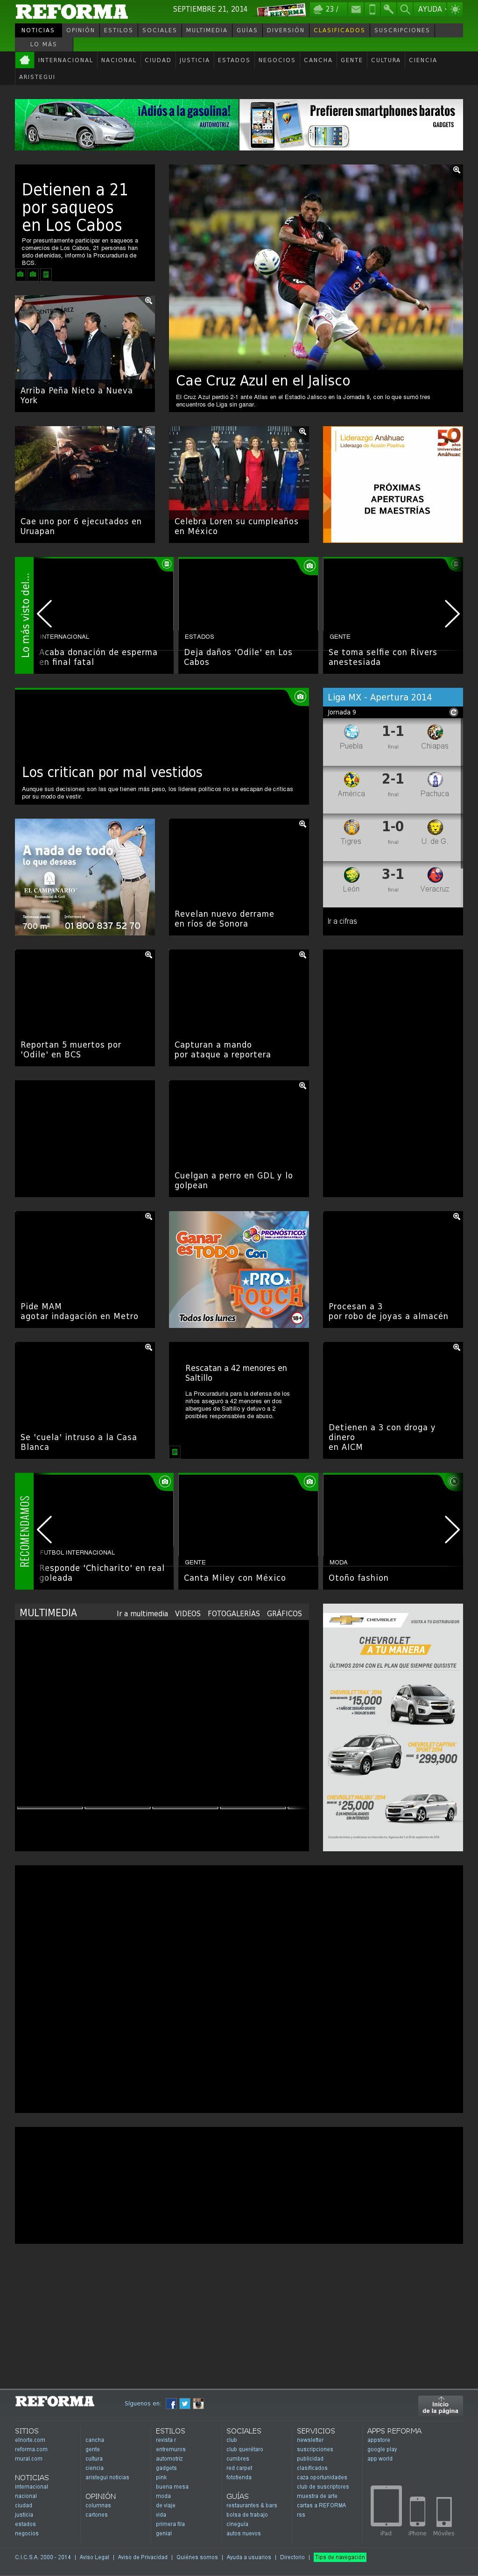 Reforma.com at Sunday Sept. 21, 2014, 7:14 a.m. UTC